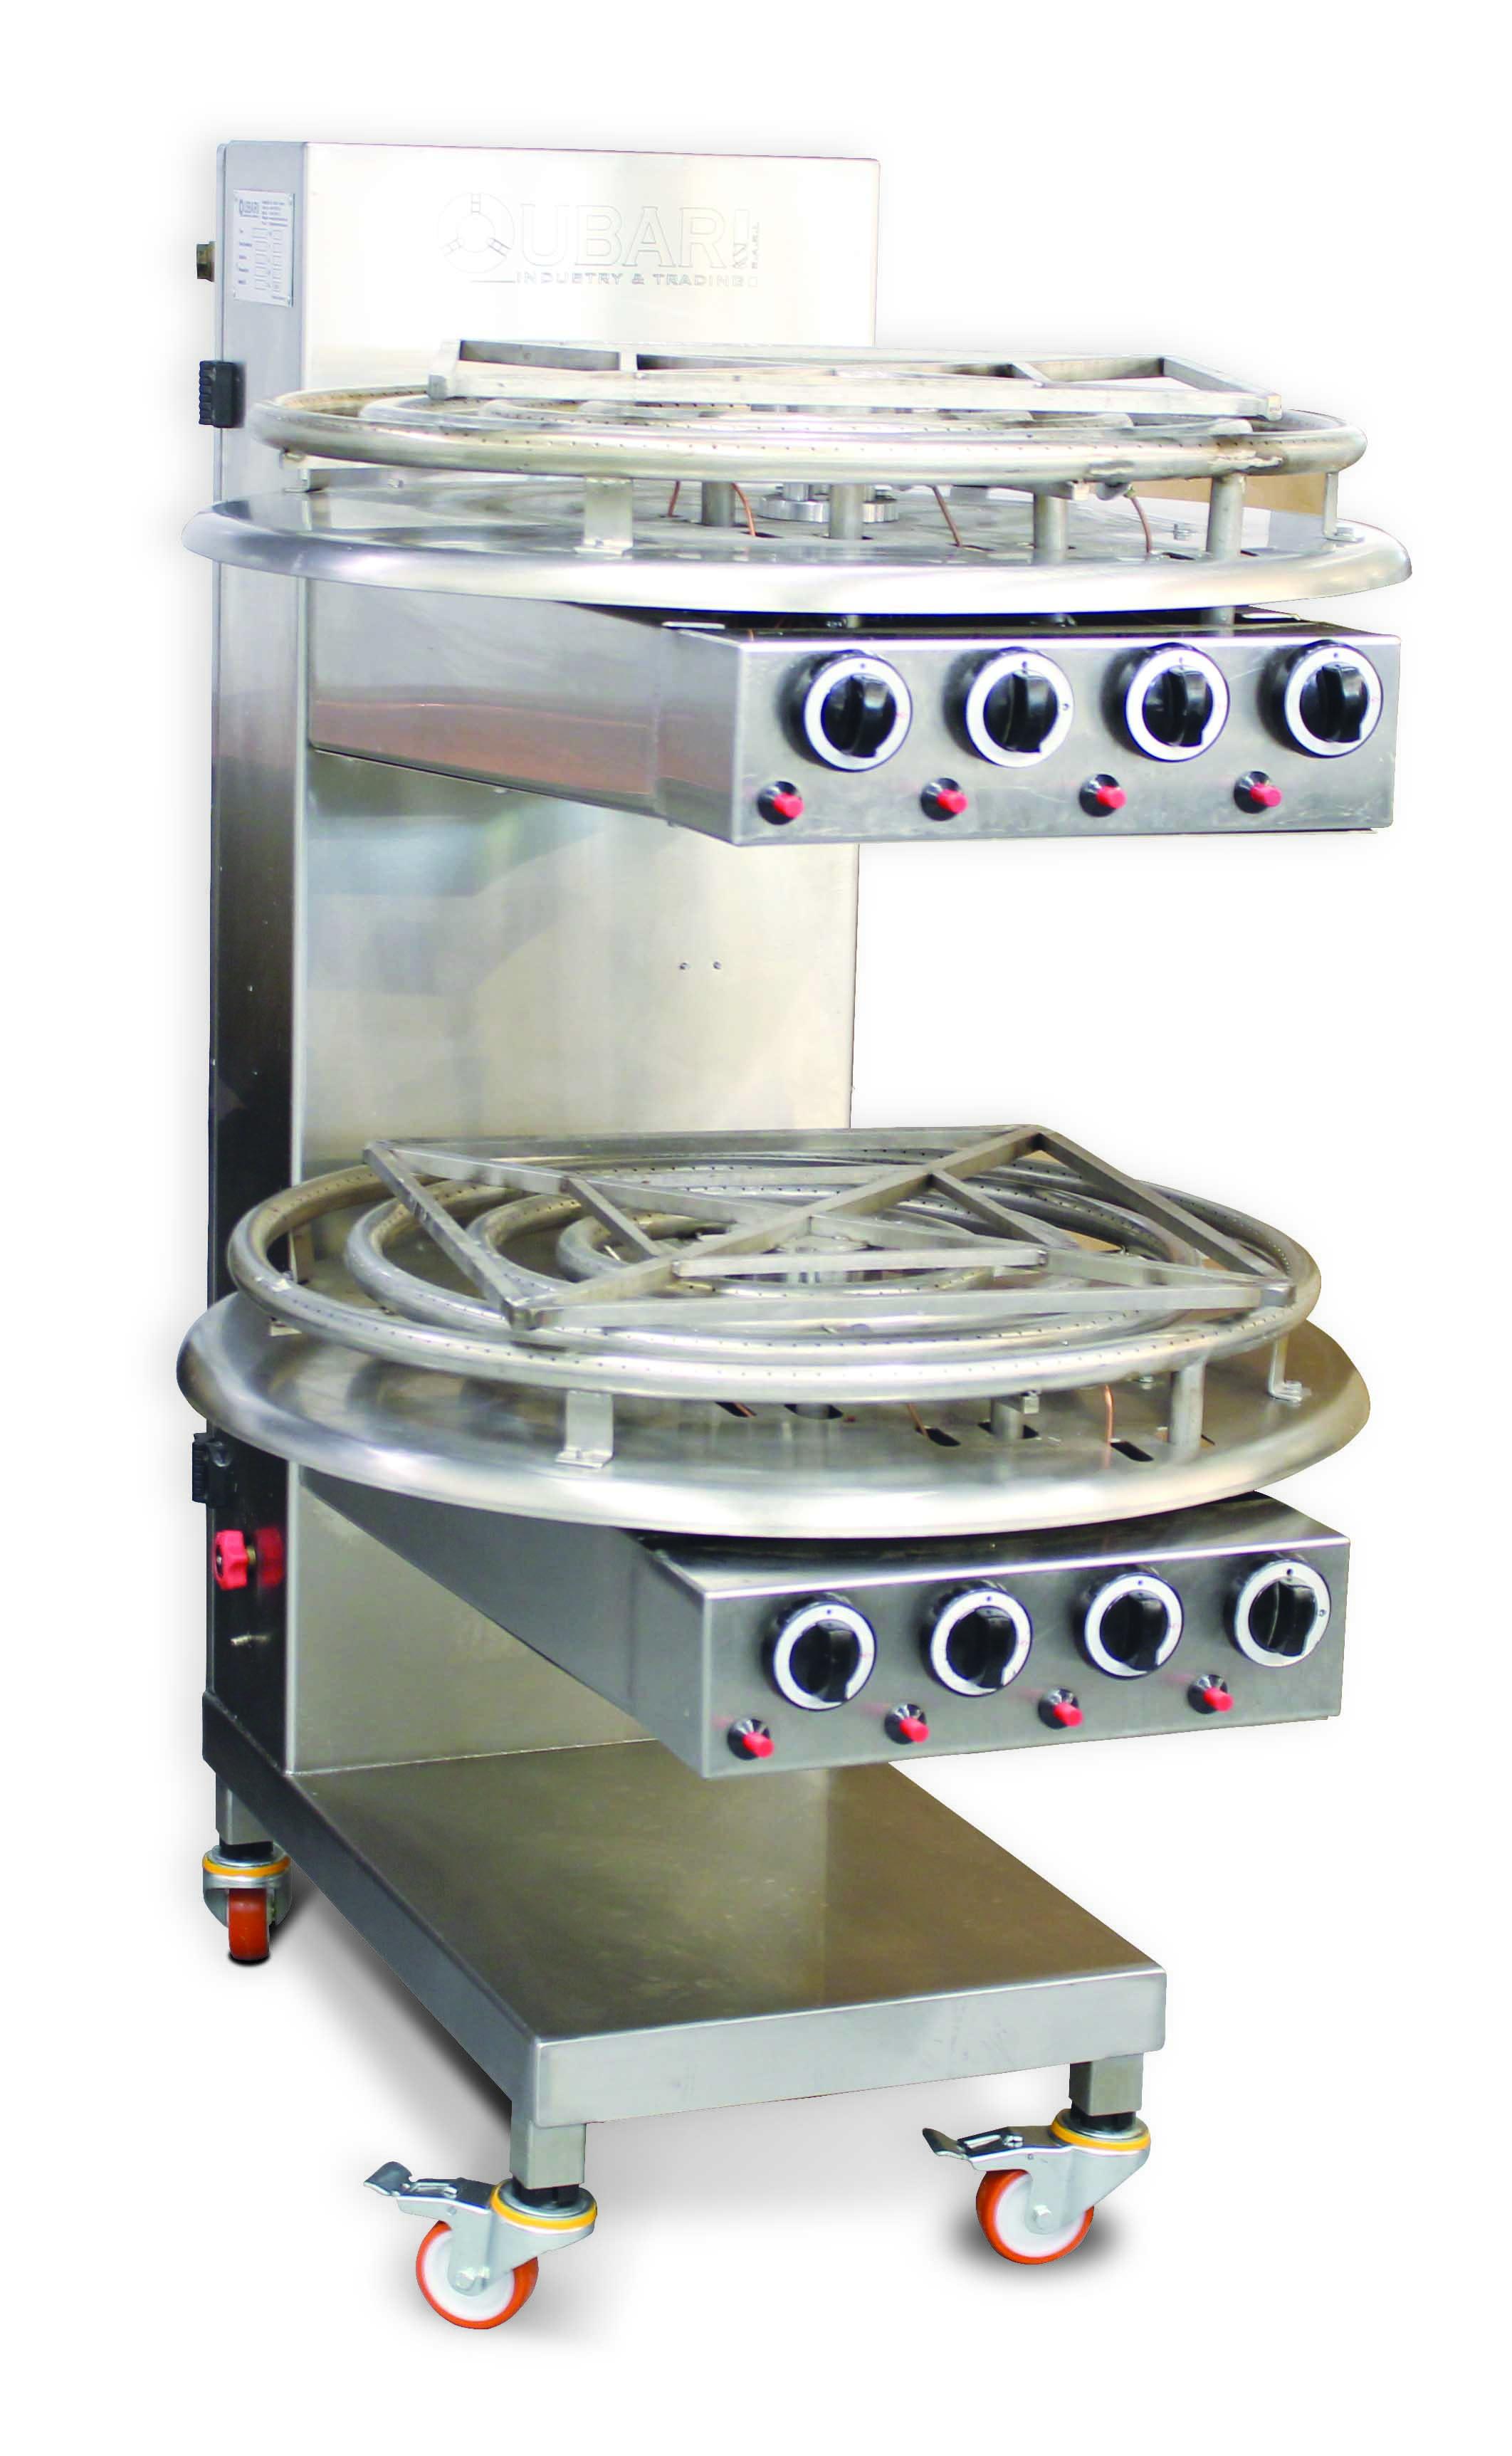 kunafa gas stove